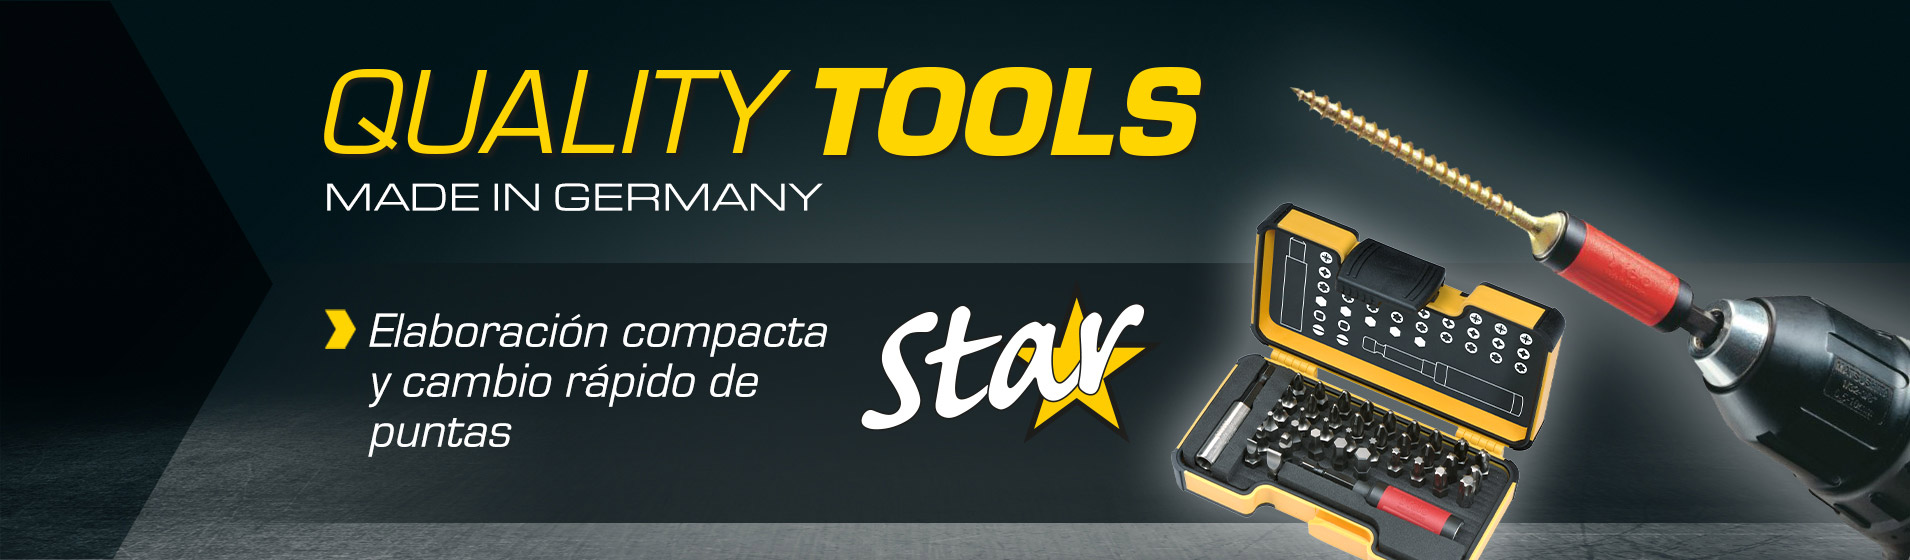 Porta-puntas STAR: la herramienta profesional que le permite girar y atornillar cualquier tipo de tornillo de manera más rápida, segura y económica